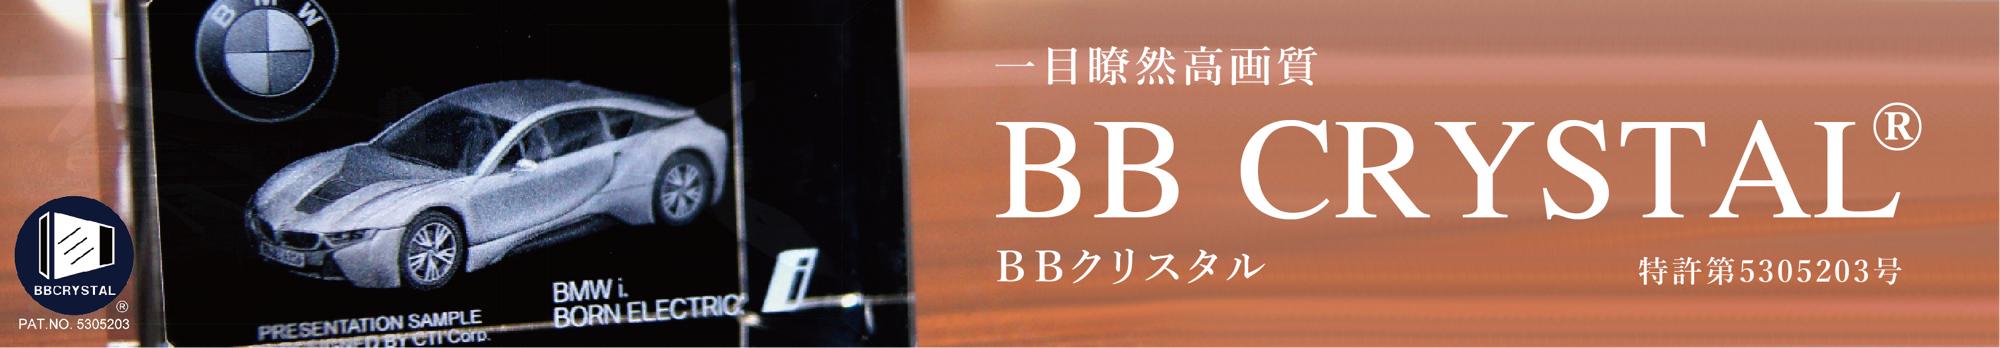 BB CRYSTAL® (BBクリスタル)